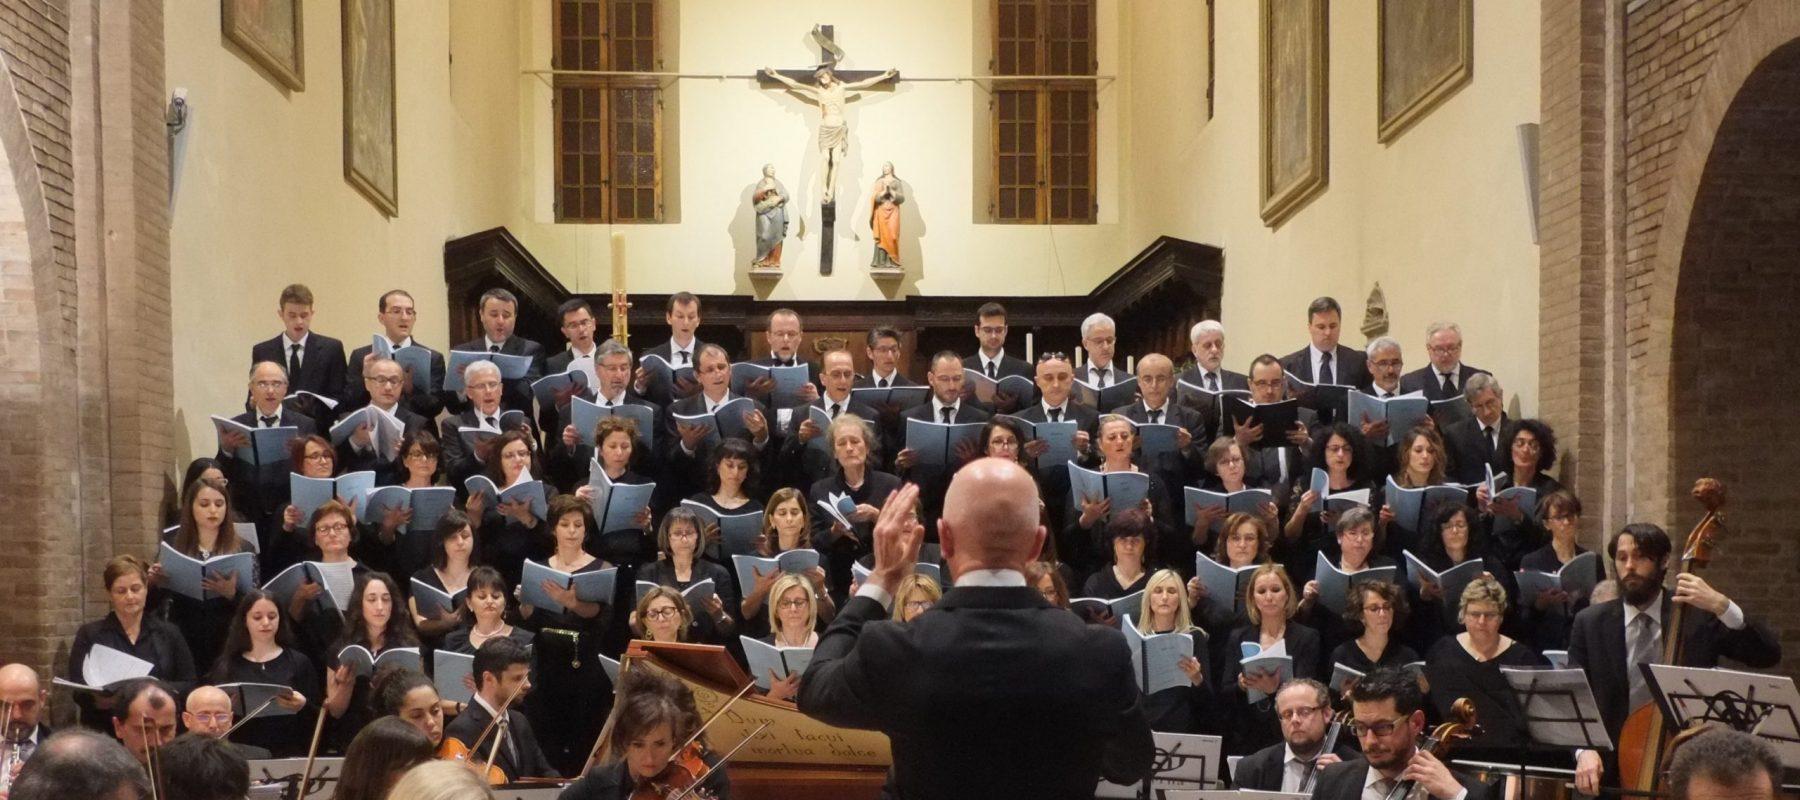 CONCERTO MESSIAH DI HENDEL cori Cappuccinini e San Paolo con l'Orchestra Maderna